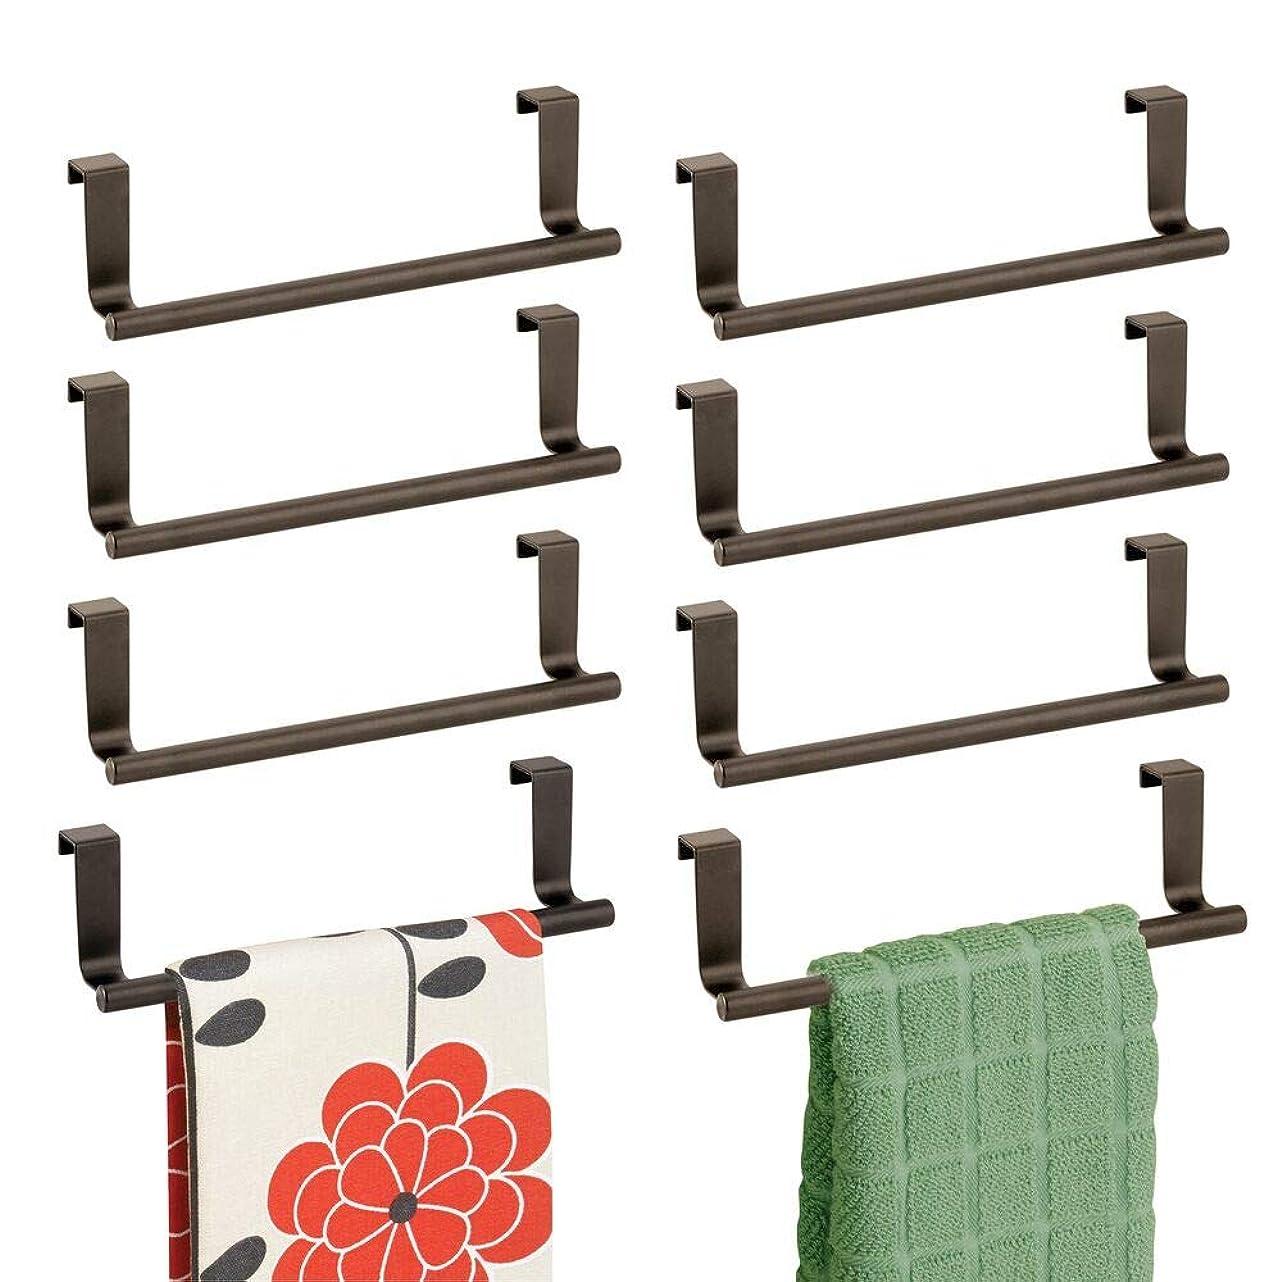 衝突水没閉じるmDesign 装飾メタルキッチンオーバー キャビネットタオルバー - ドアの内側または外側に掛け、ハンド、ディッシュ、ティータオル - 幅9インチ 8パック - ブロンズ